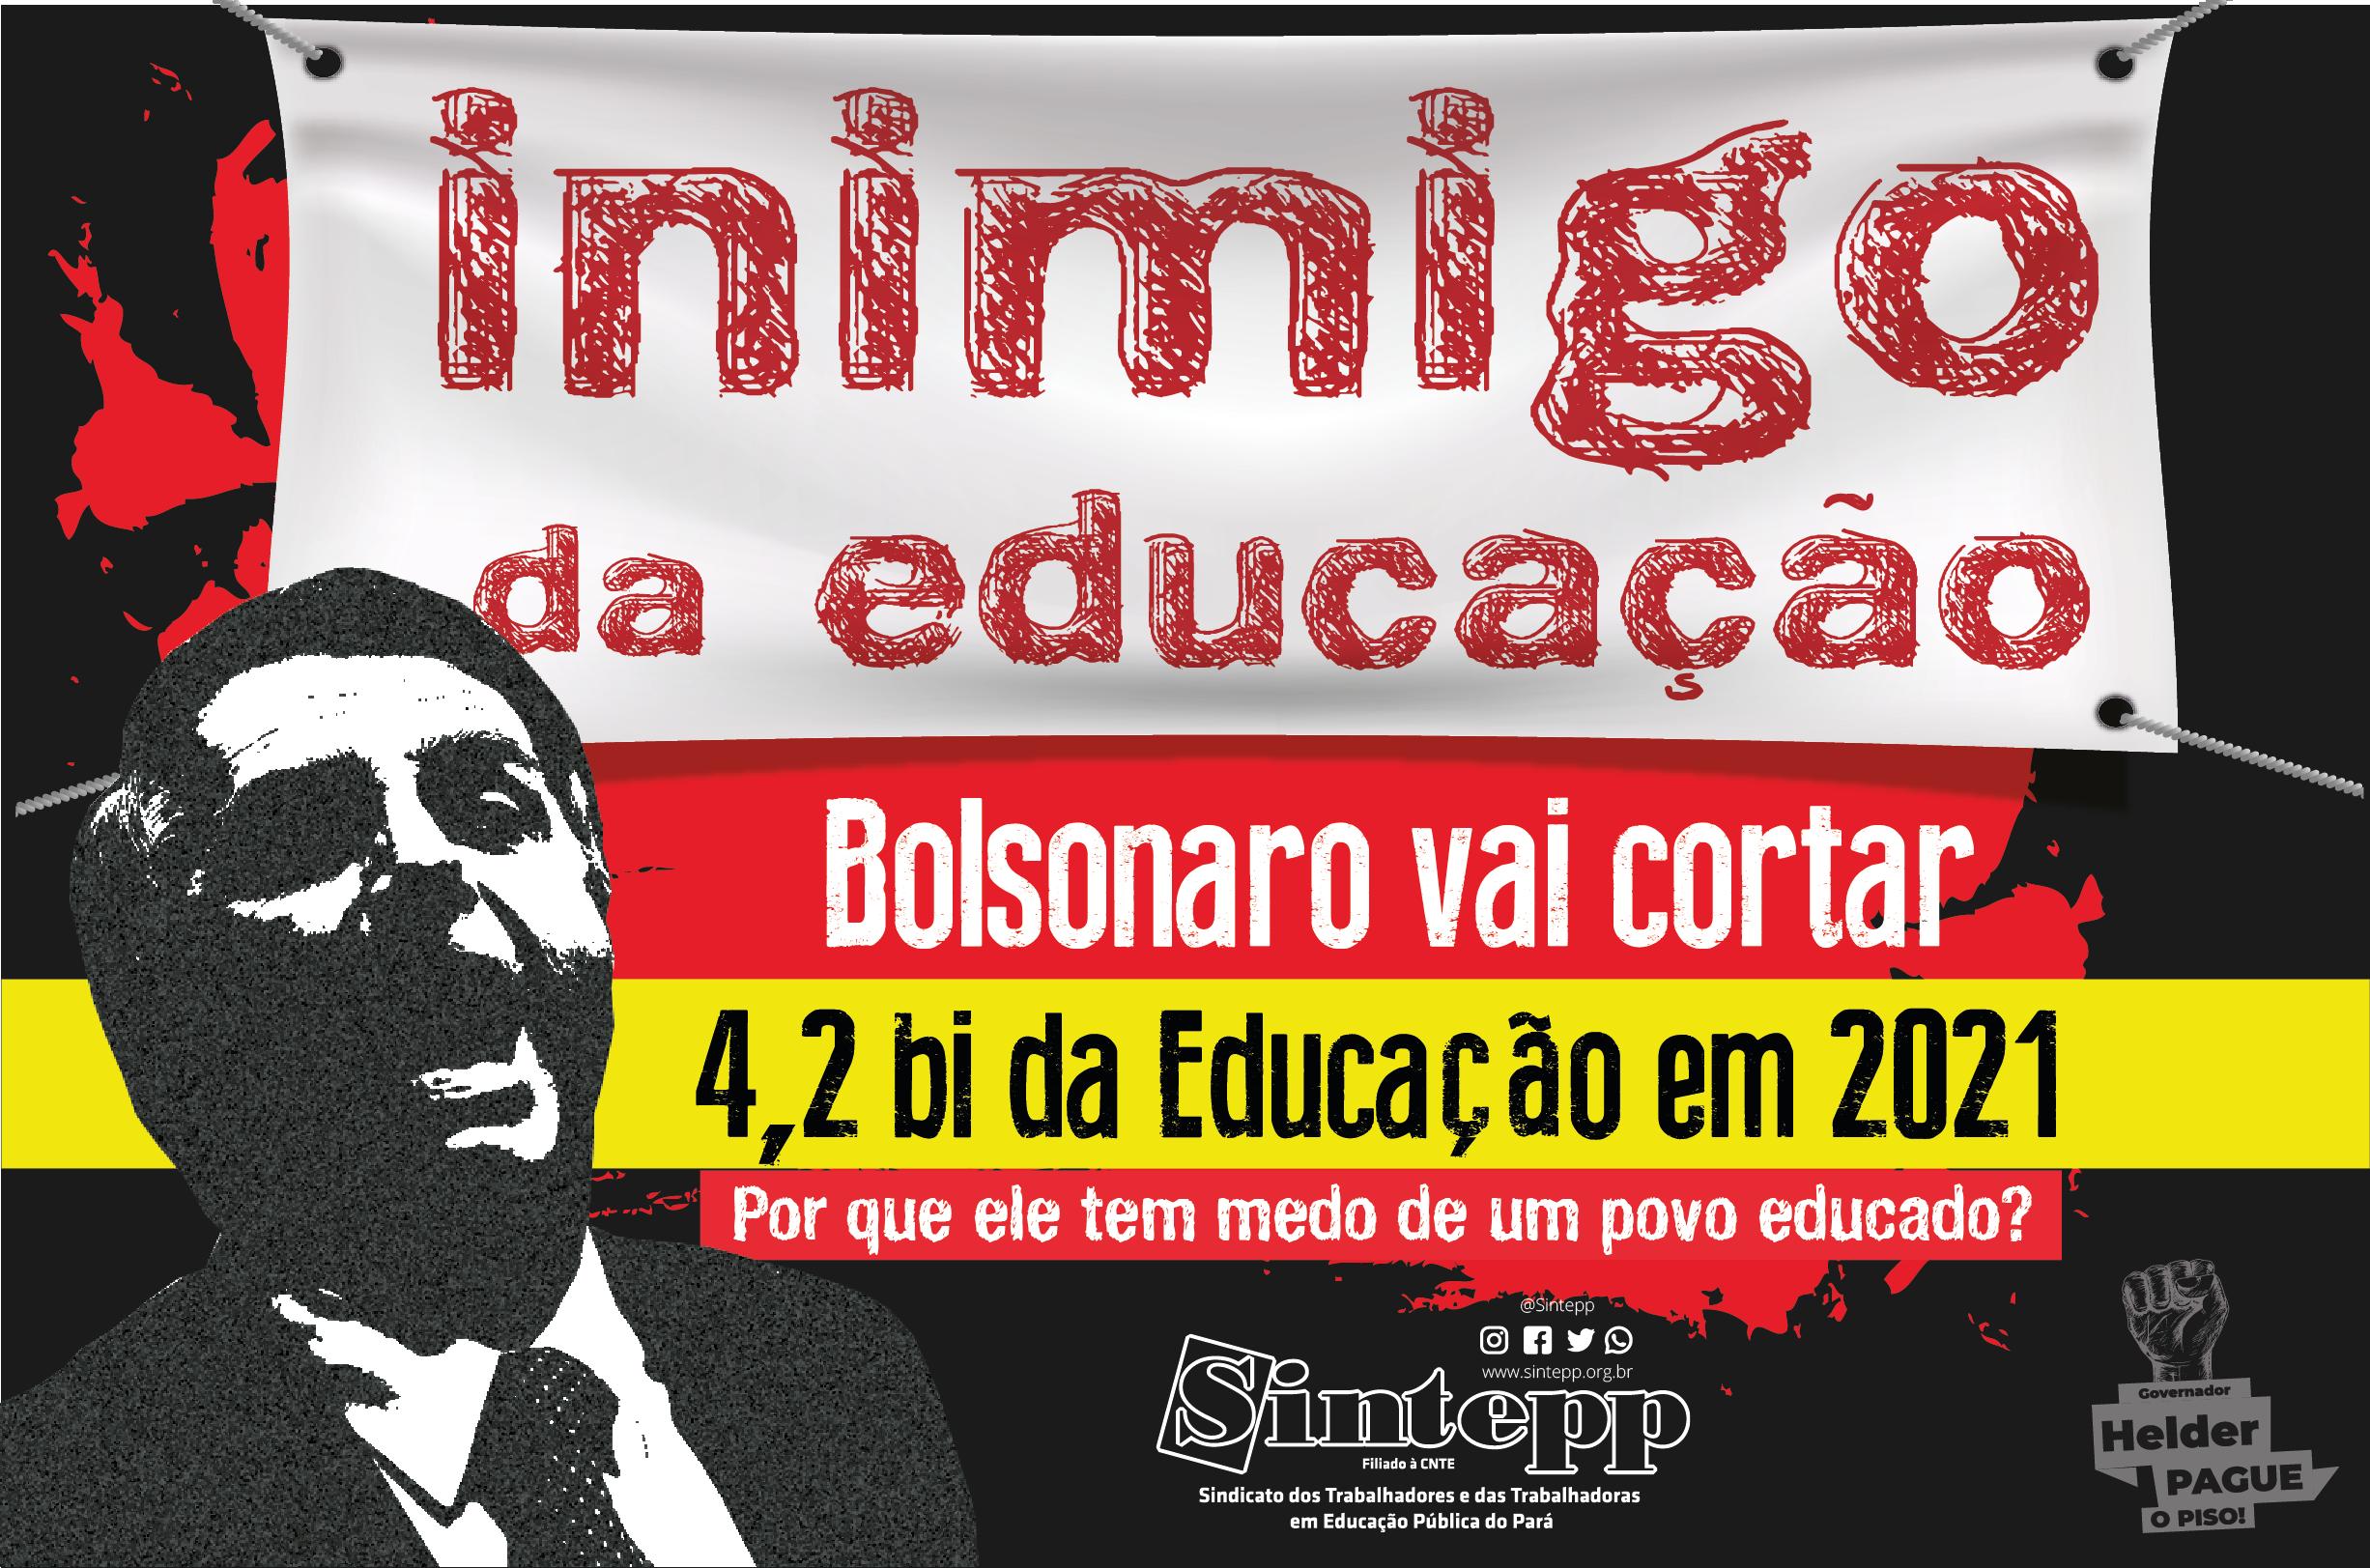 Bolsonaro vai cortar 4,2 da Educação em 2021